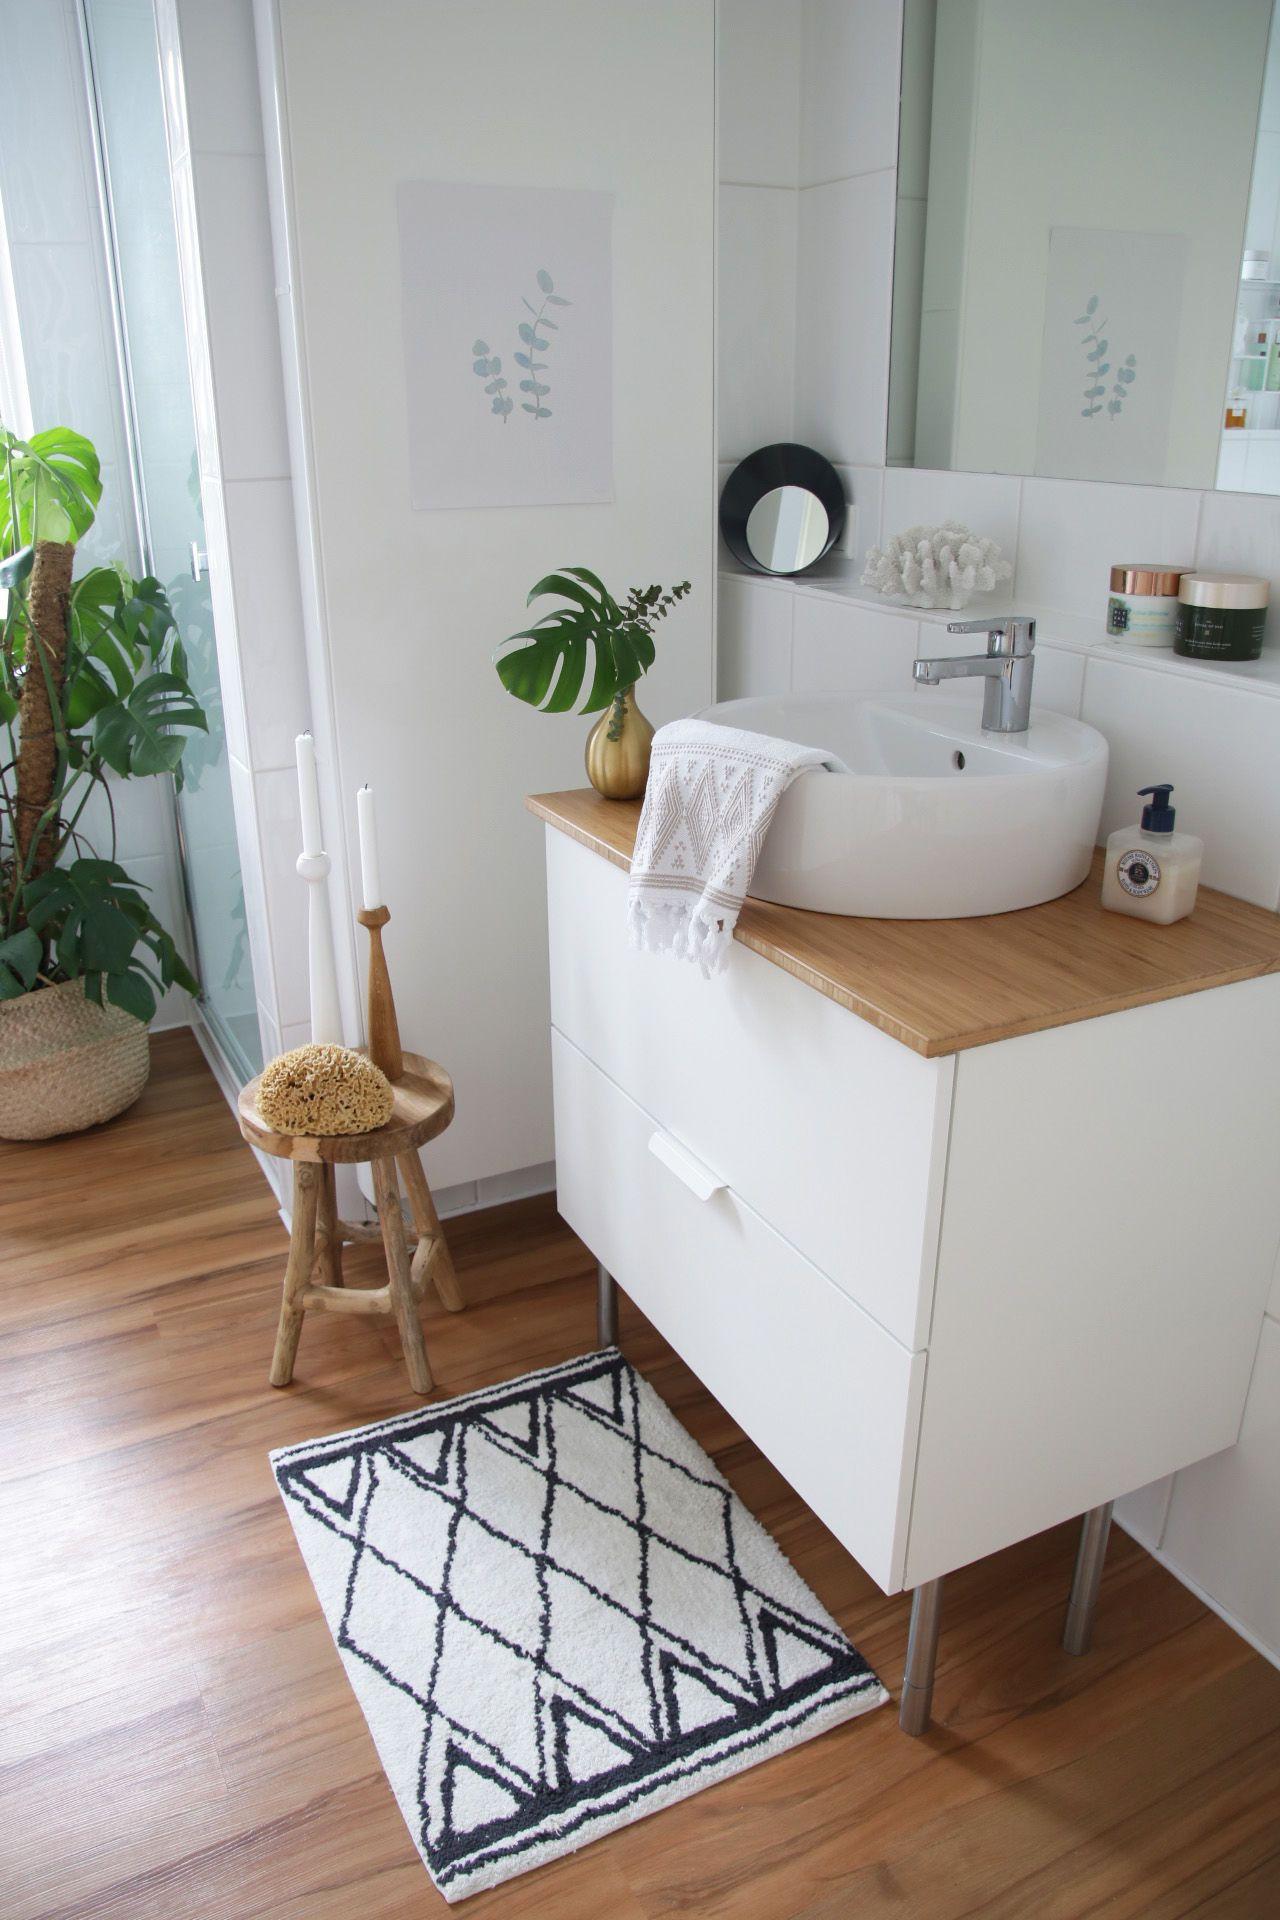 Badezimmer Deko: Die schönsten Ideen - Seite 4